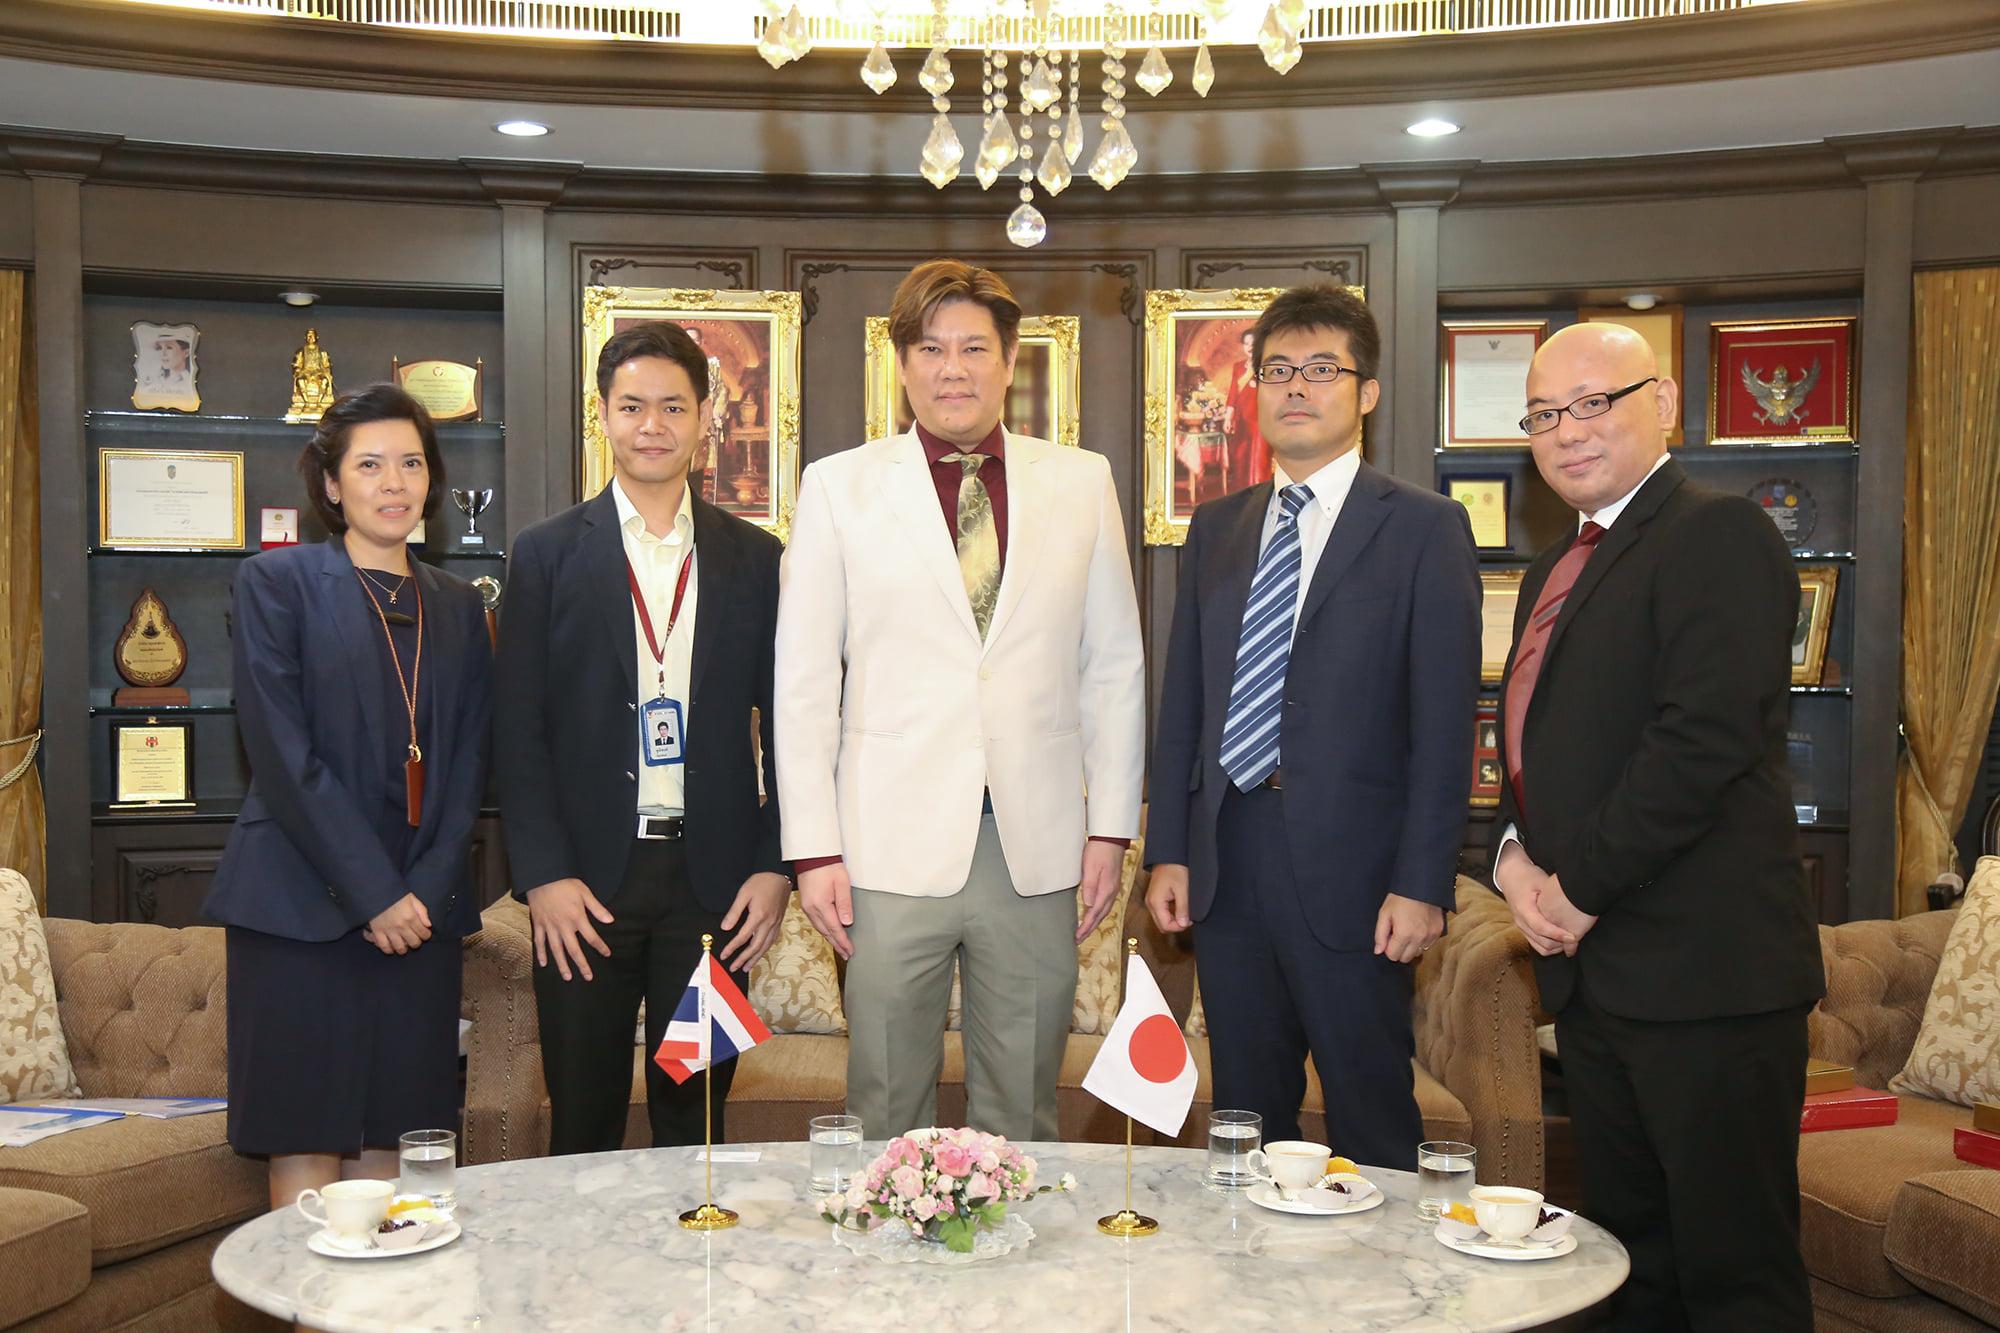 สำนักงาน กสทช. ให้การต้อนรับเลขานุการเอกจากสถานเอกอัครราชทูตญี่ปุ่นประจำประเทศไทย